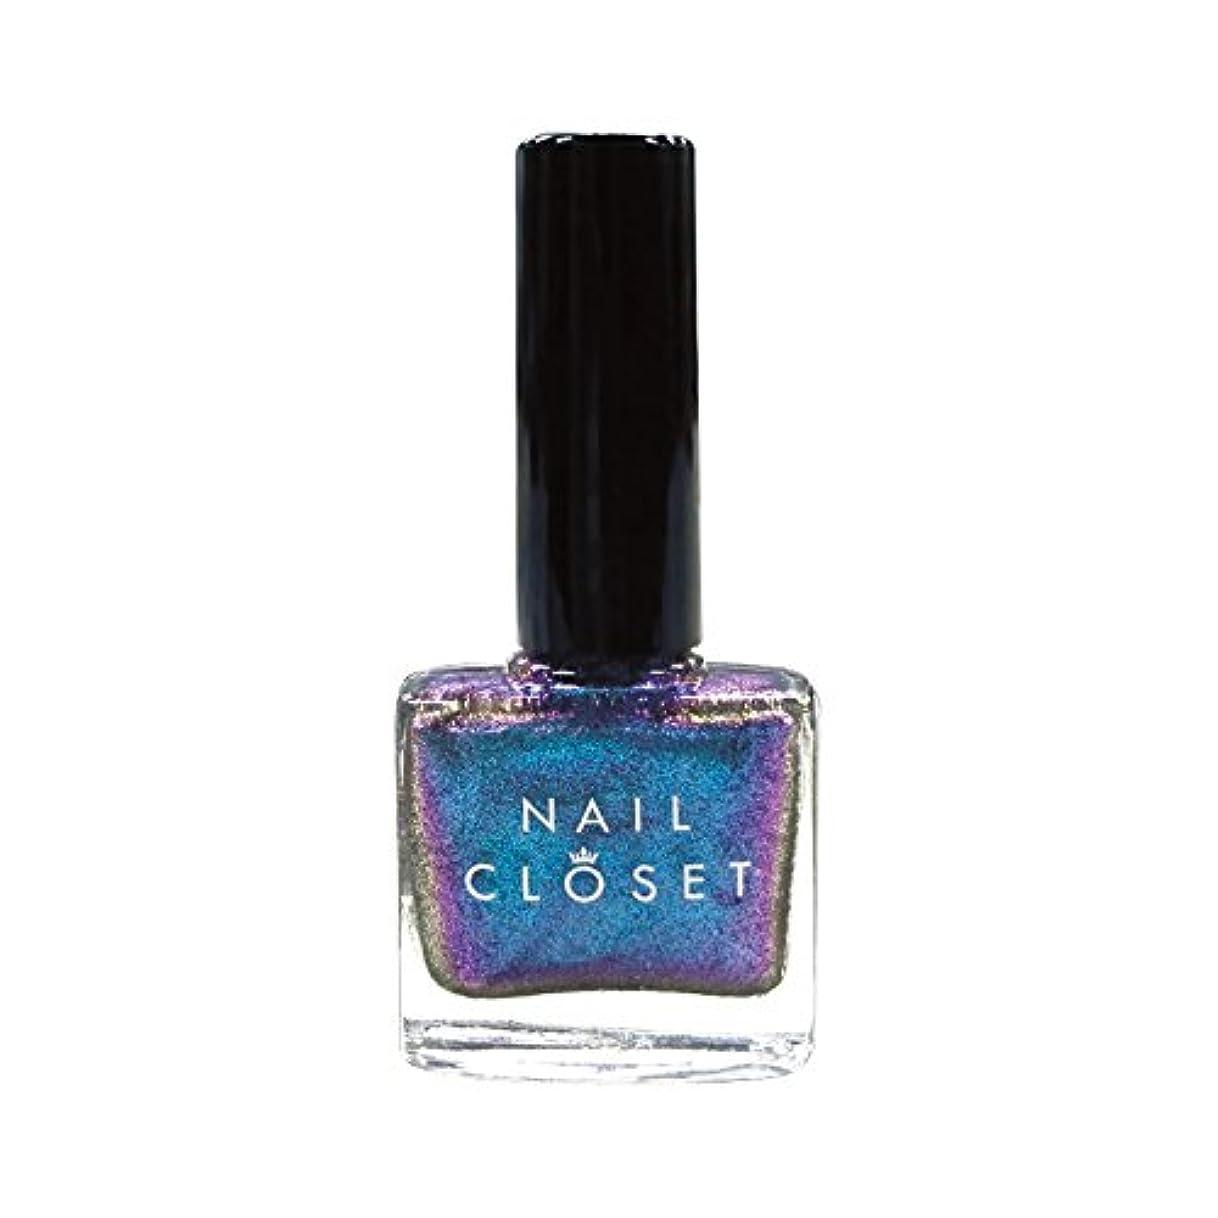 ネイルクローゼット オーロラネイルポリッシュ OL-BL ブルー (1本)